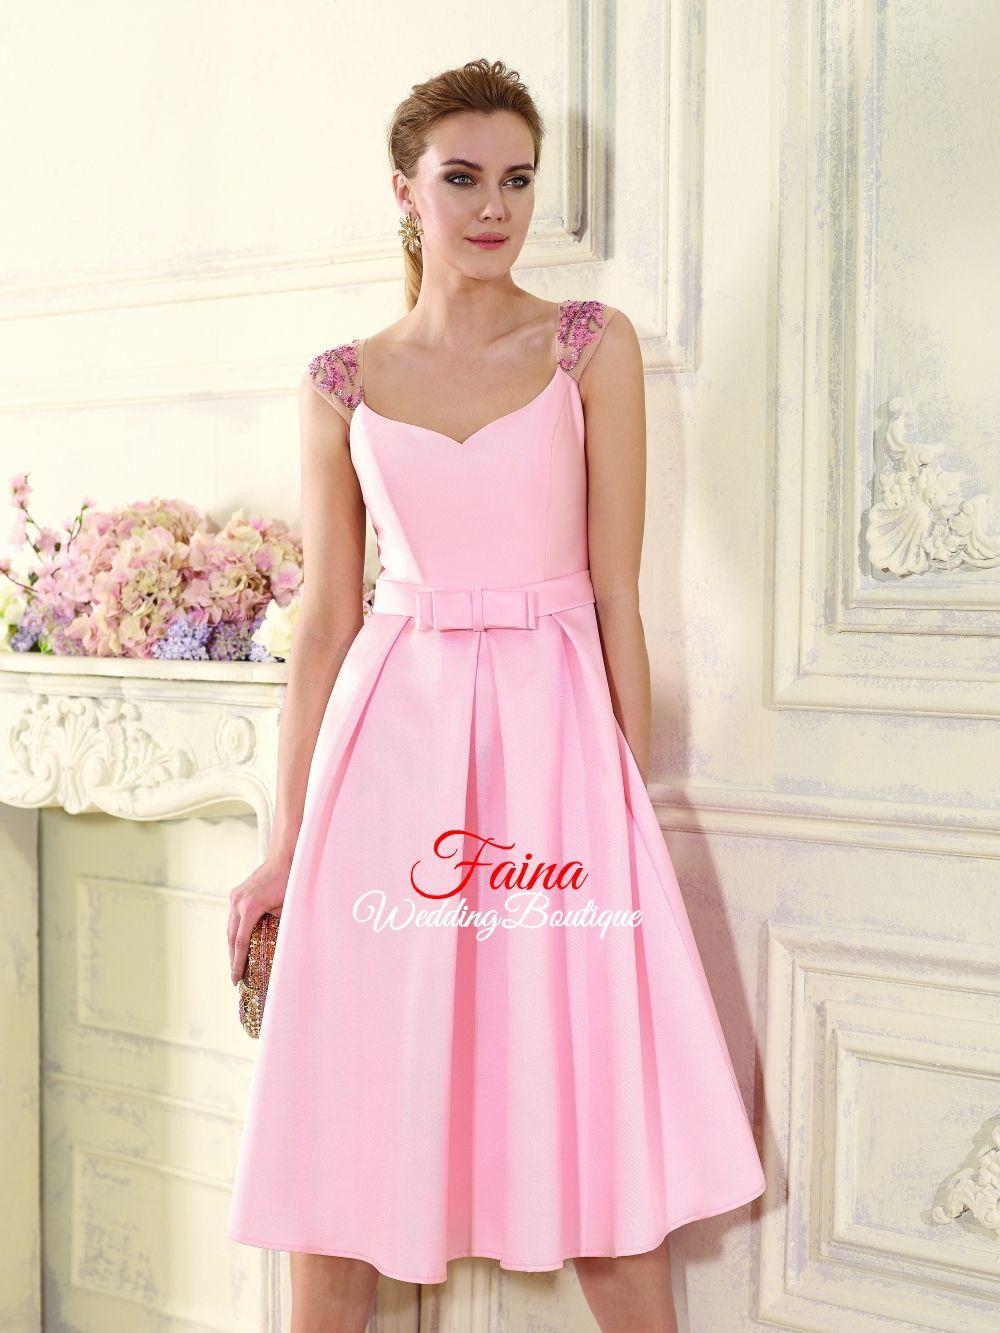 Вечерние платья Fara Fiesta в Саратове, бутик Faina Wedding Boutique ...